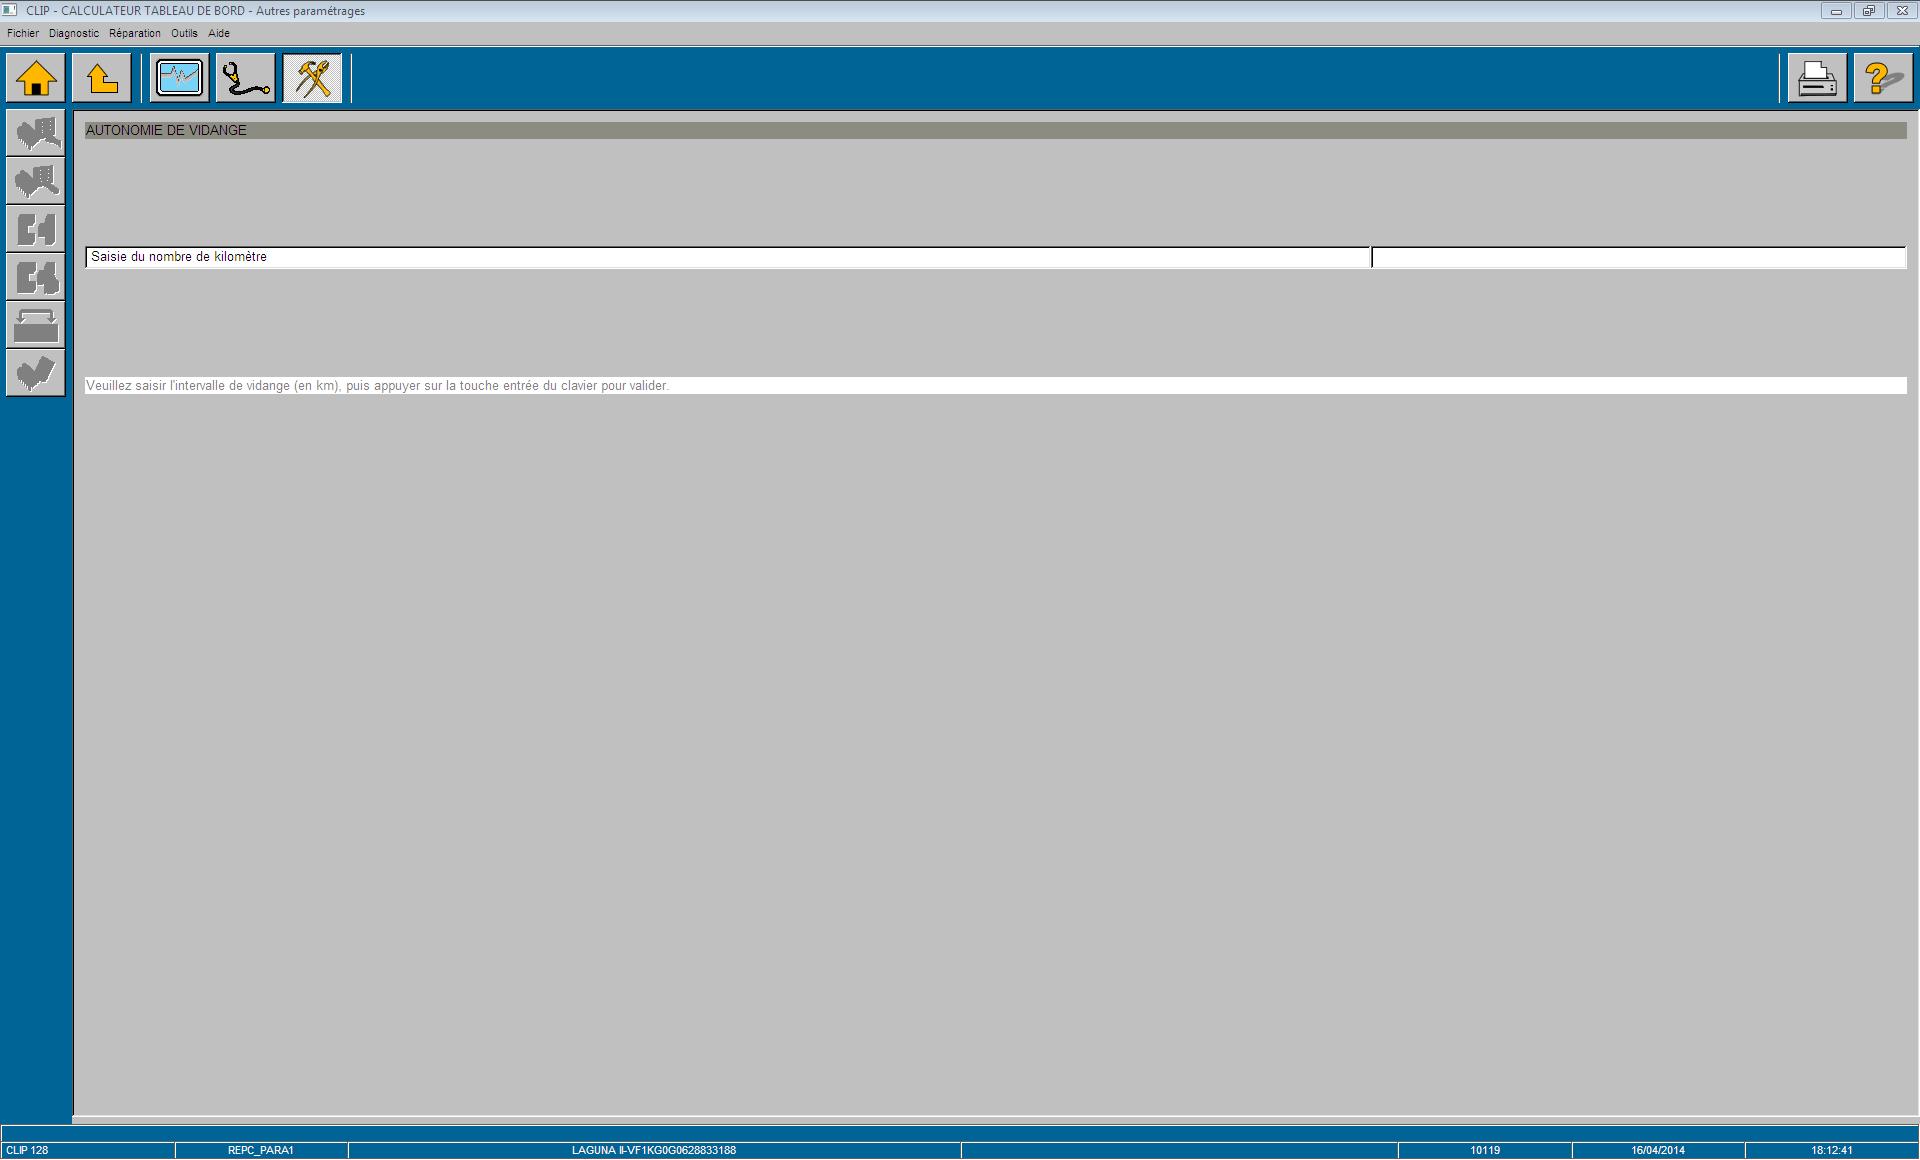 Modif sur intervalle de vidange Autonomie_Vidange-01